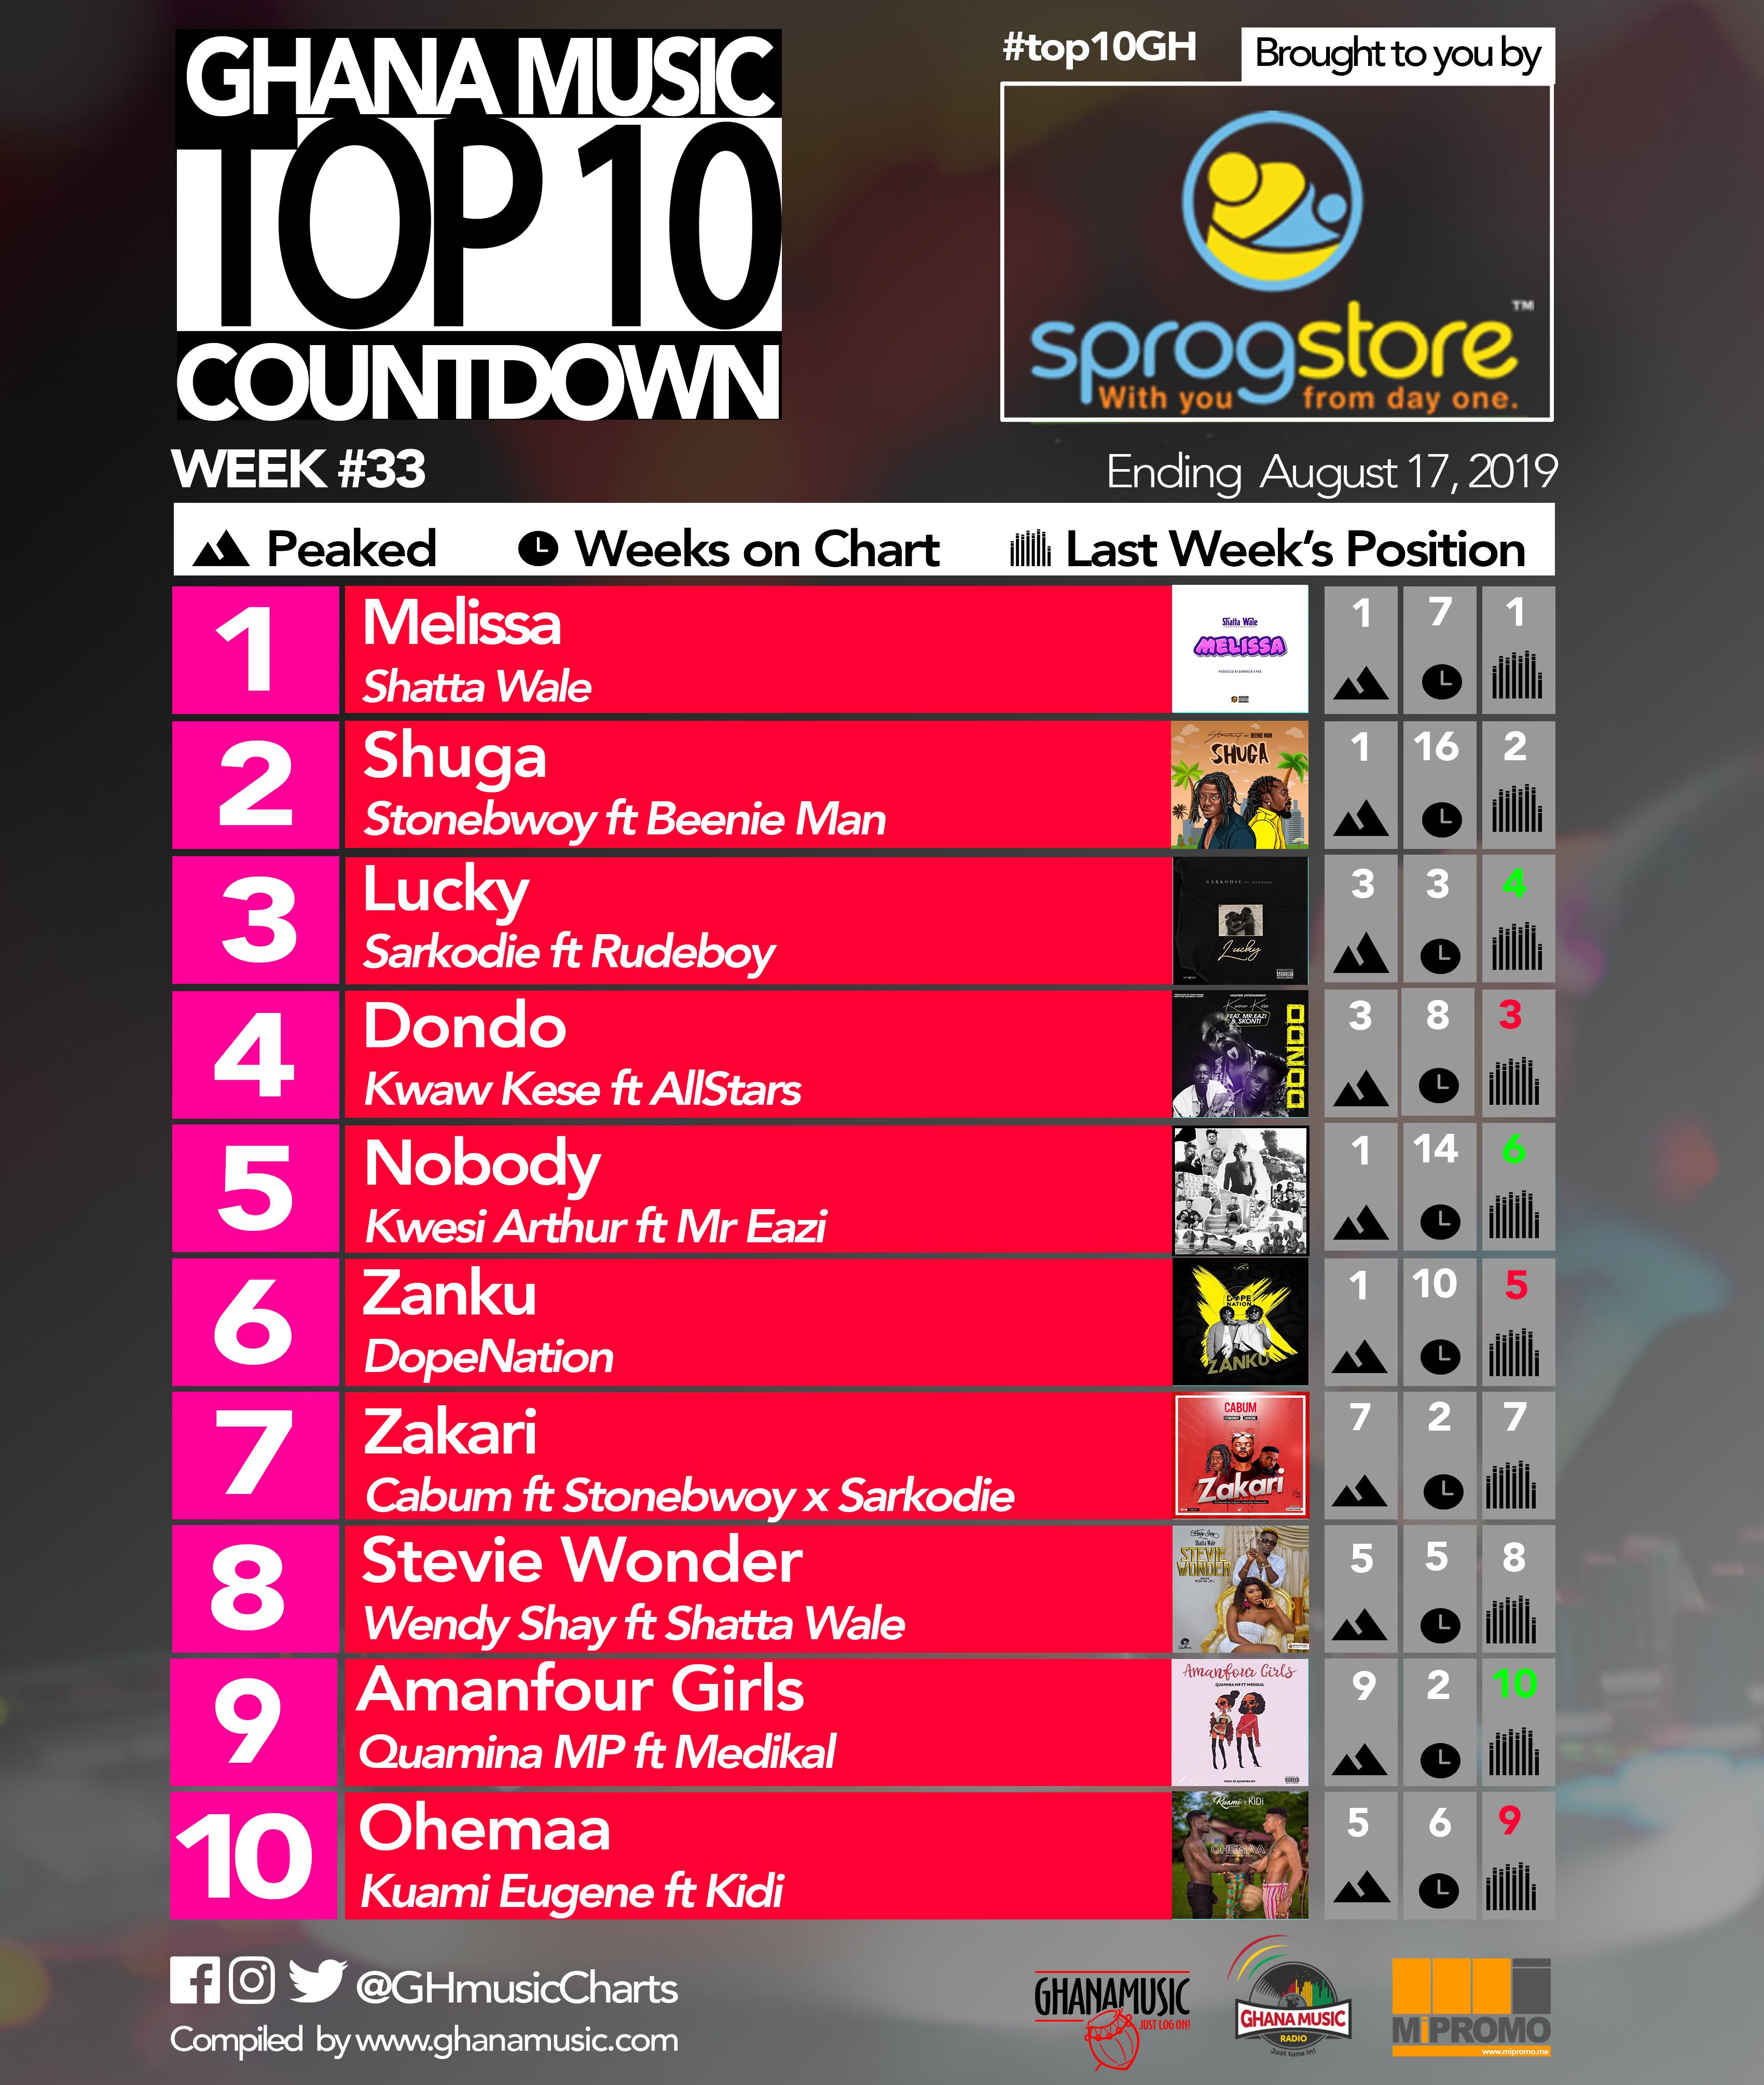 2019 Week 33: Ghana Music Top 10 Countdown